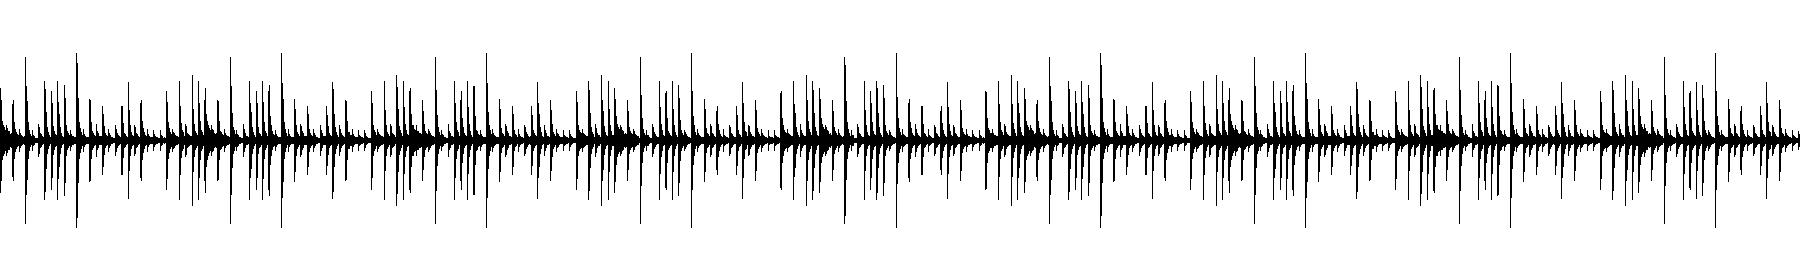 drumsrock1